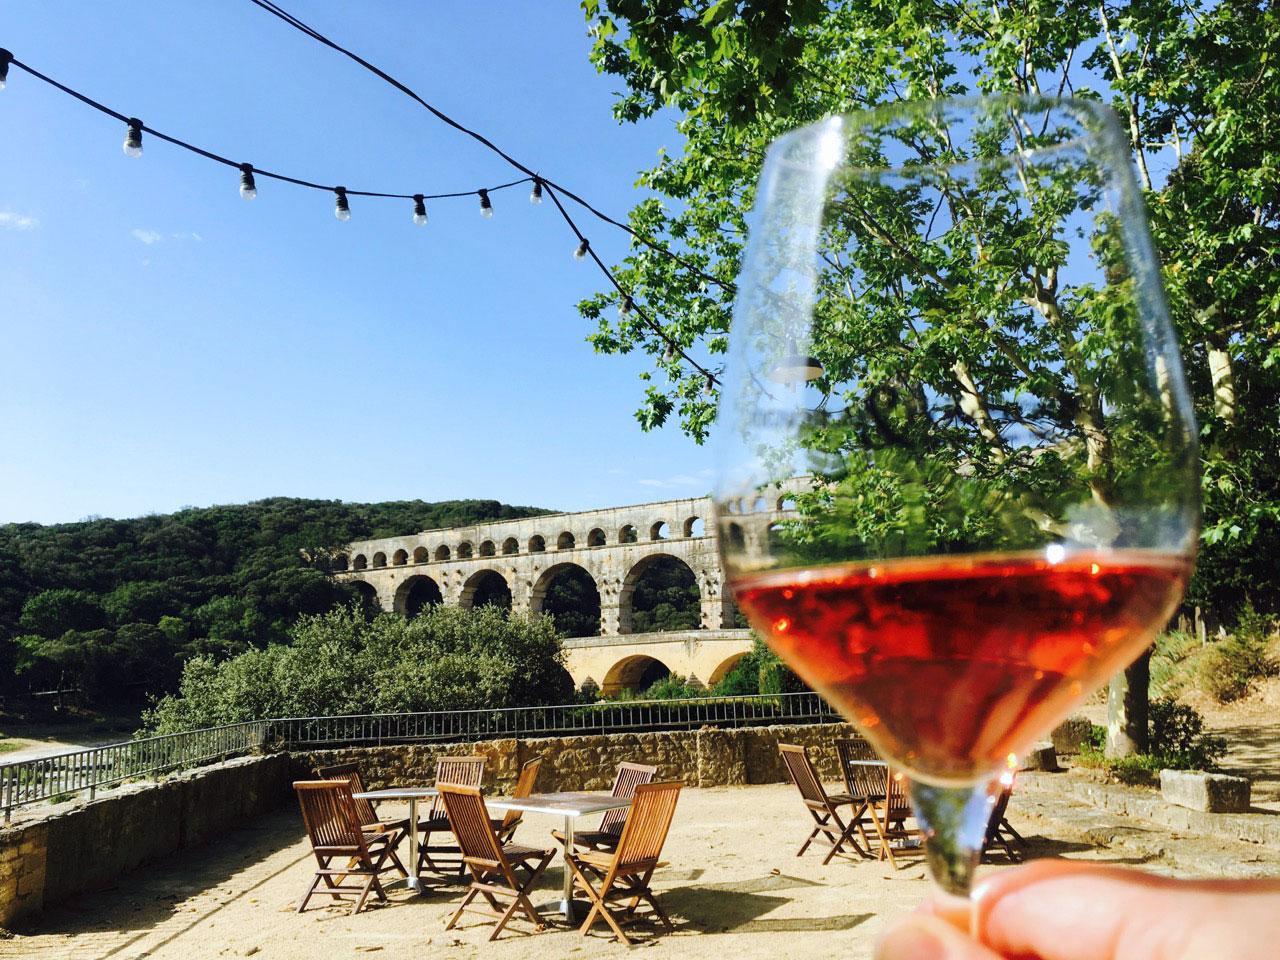 Tasting Tavel at the Pont du Gard